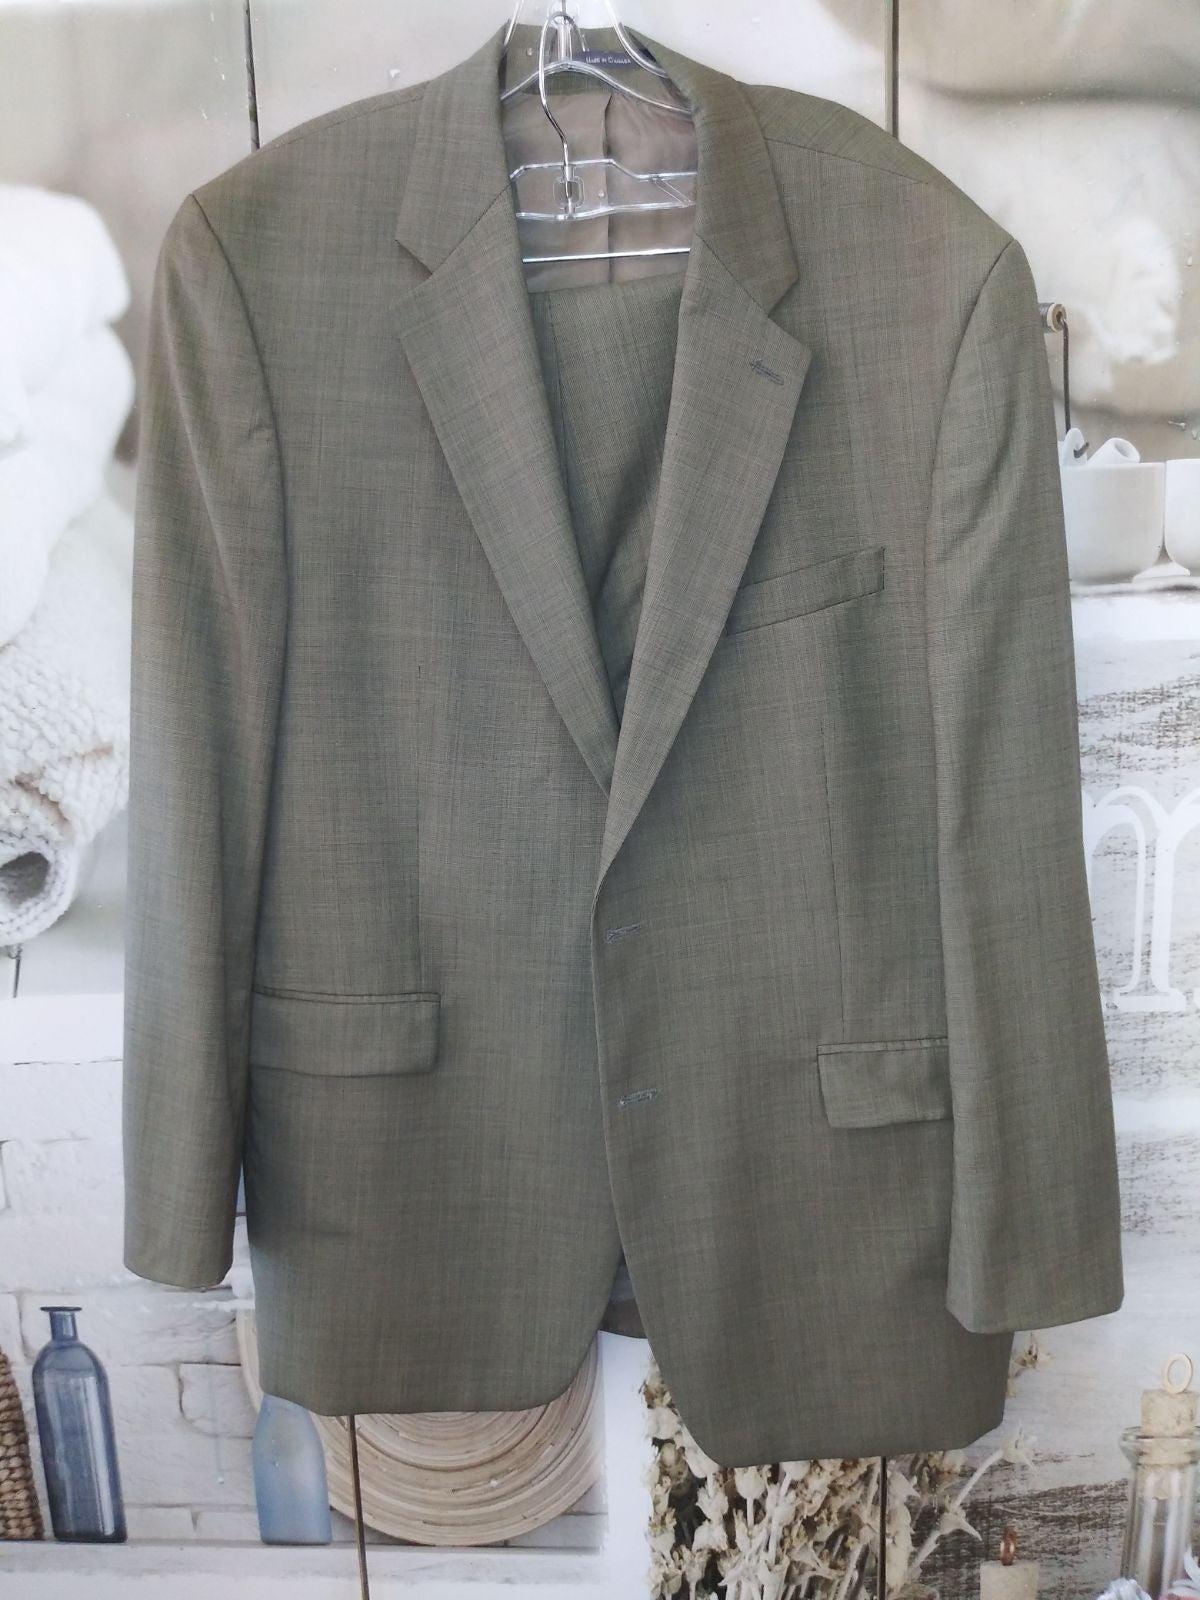 Chaps Ralph Lauren Suit Sz. 46L